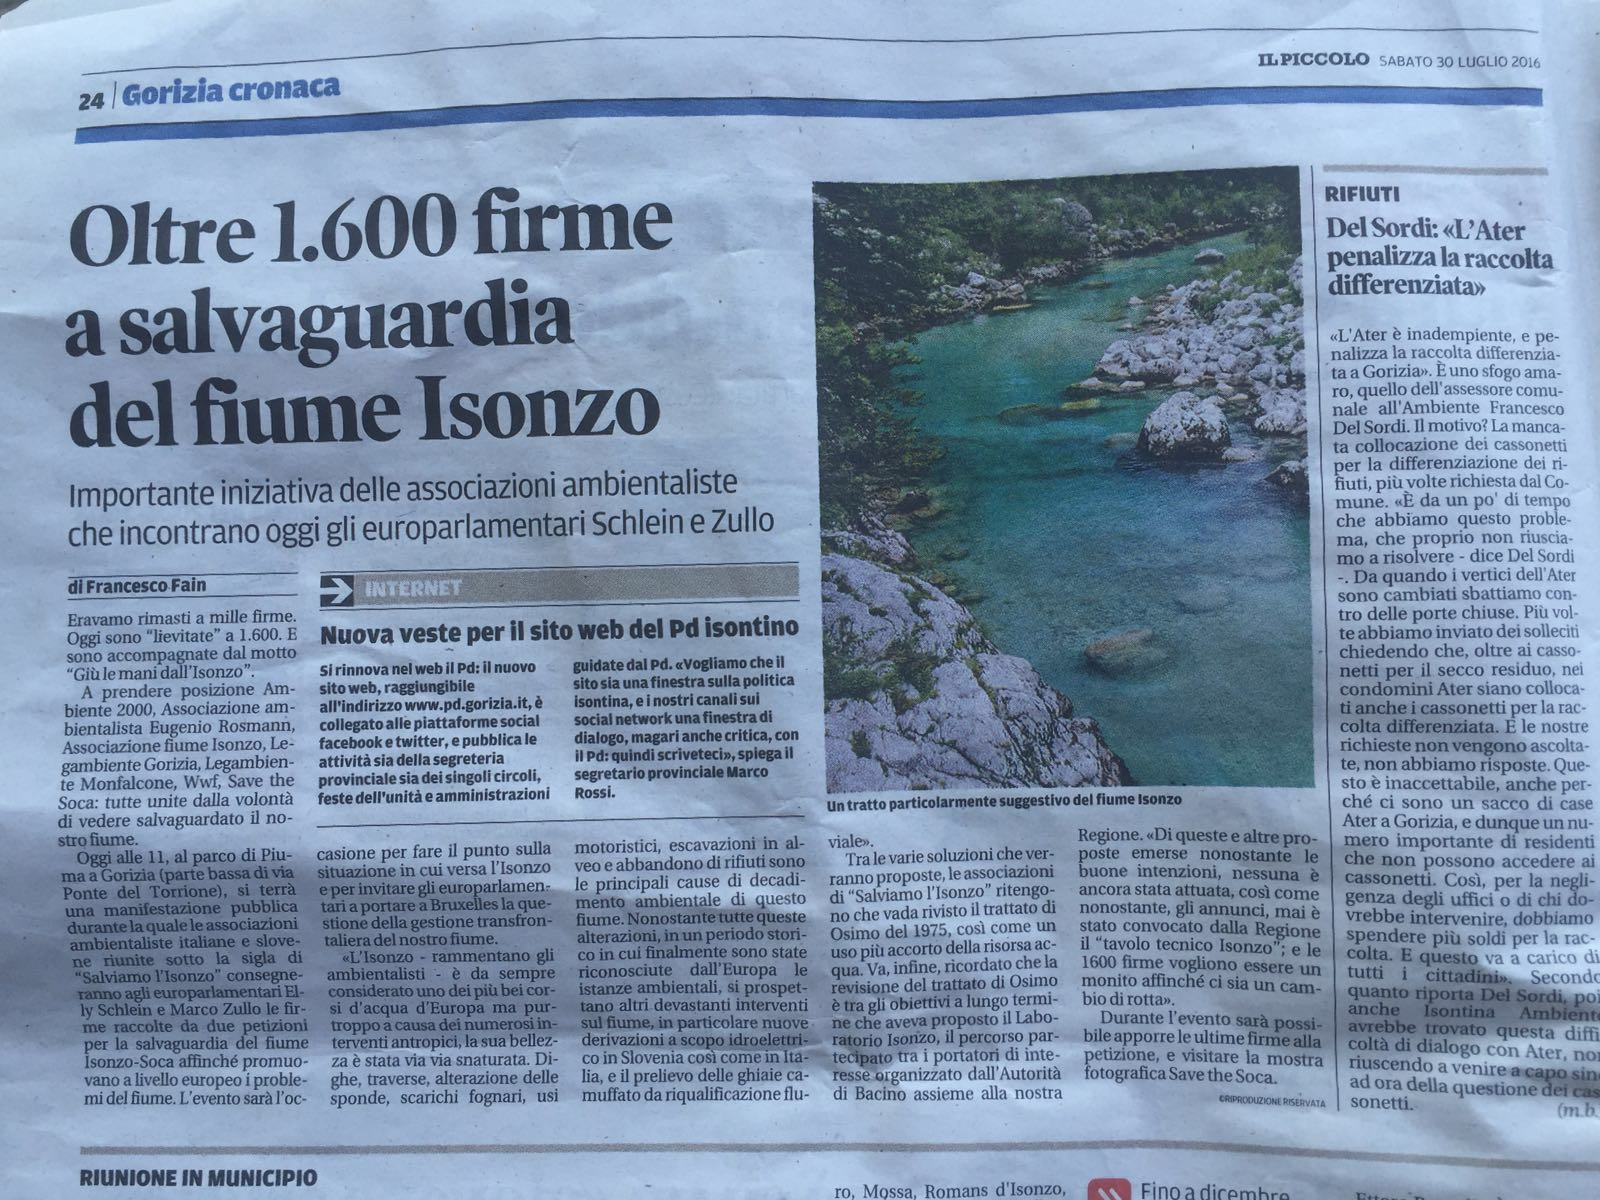 Il Piccolo- Oltre 1.600 firme a salvaguardia del fiume Isonzo